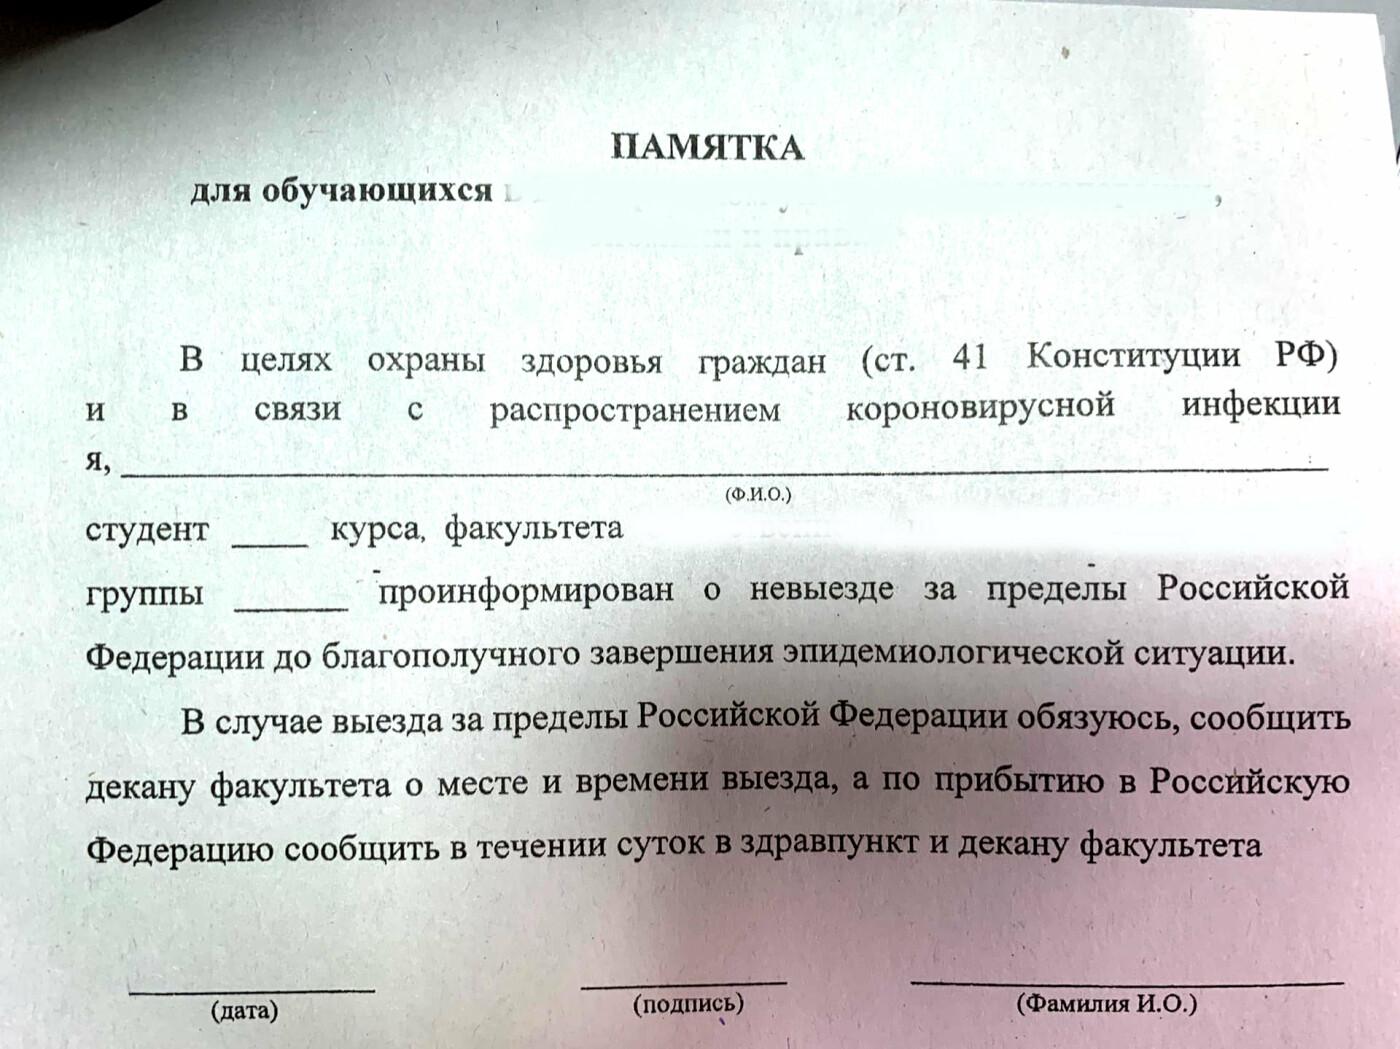 Белгородских студентов из-за коронавируса ограничили в выезде за границу, фото-1